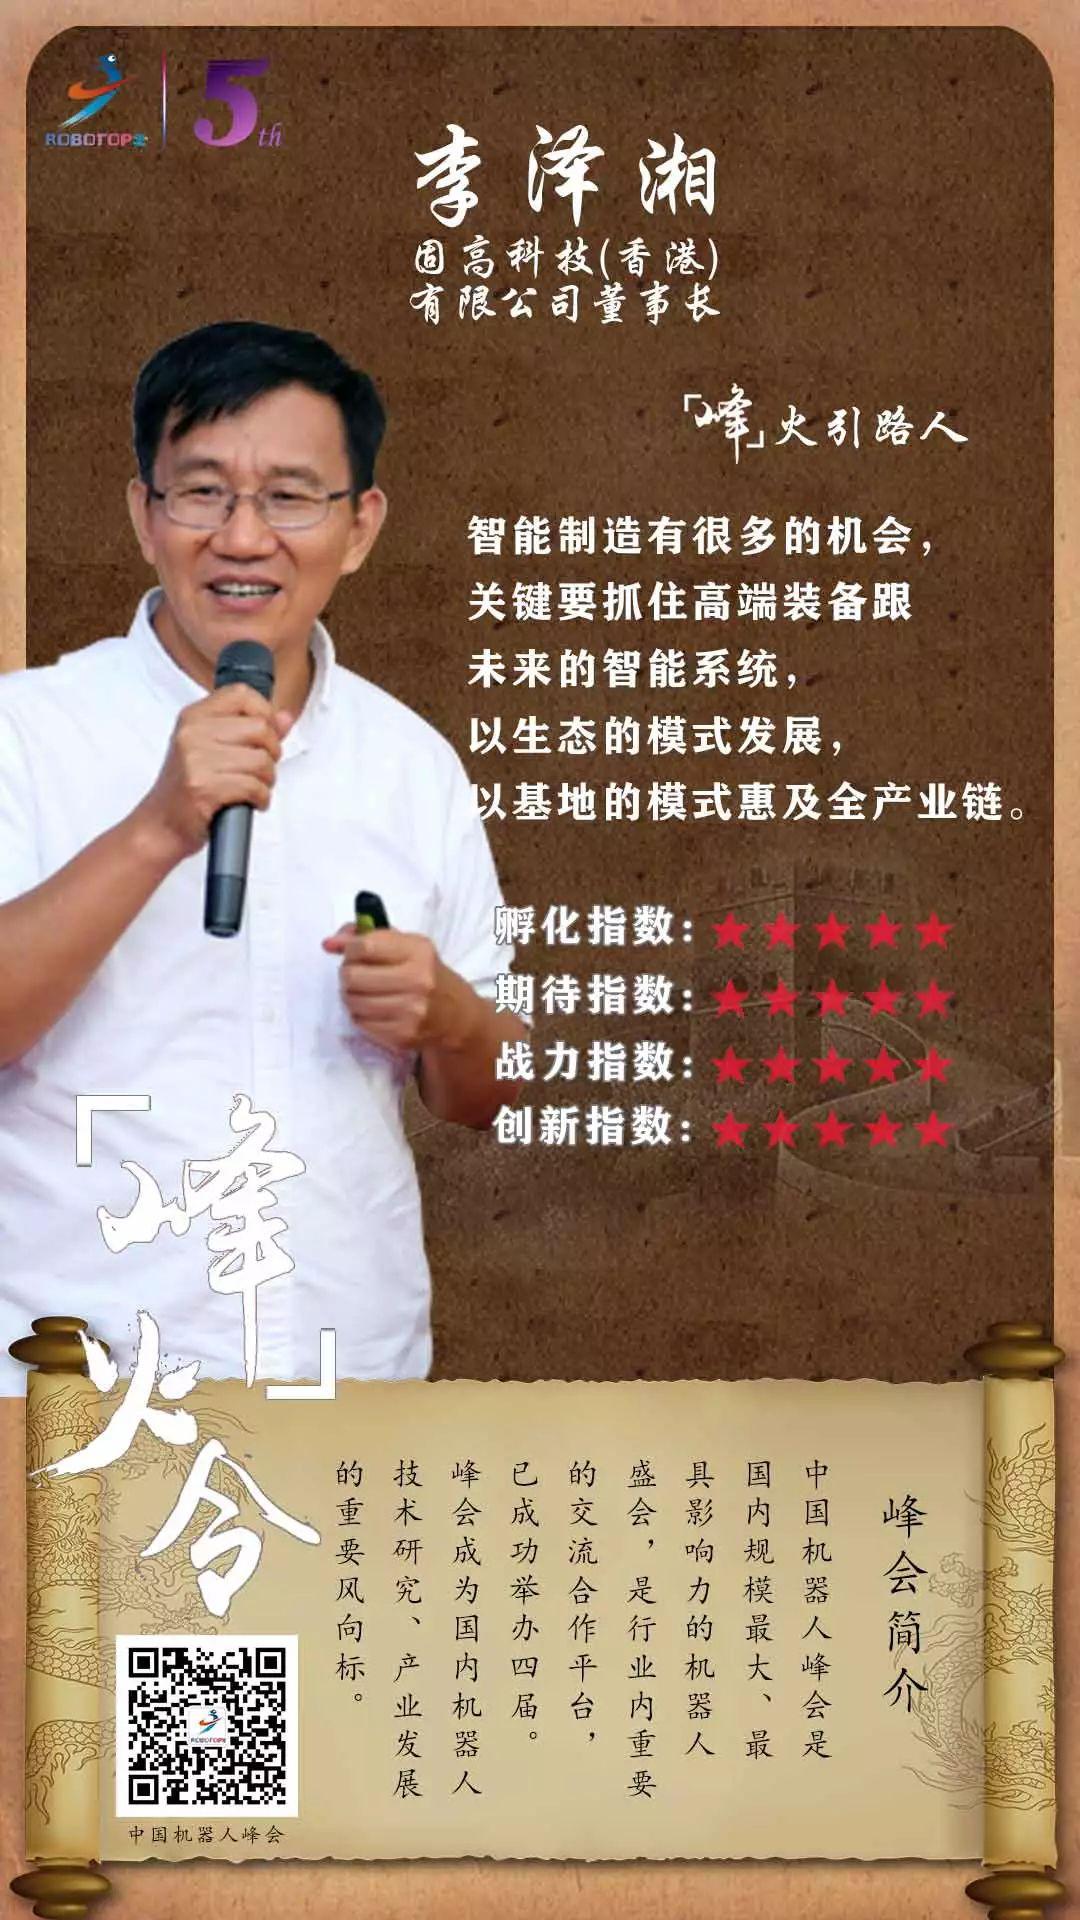 【重磅】固高董事长李泽湘:让中国诞生更多乔布斯!